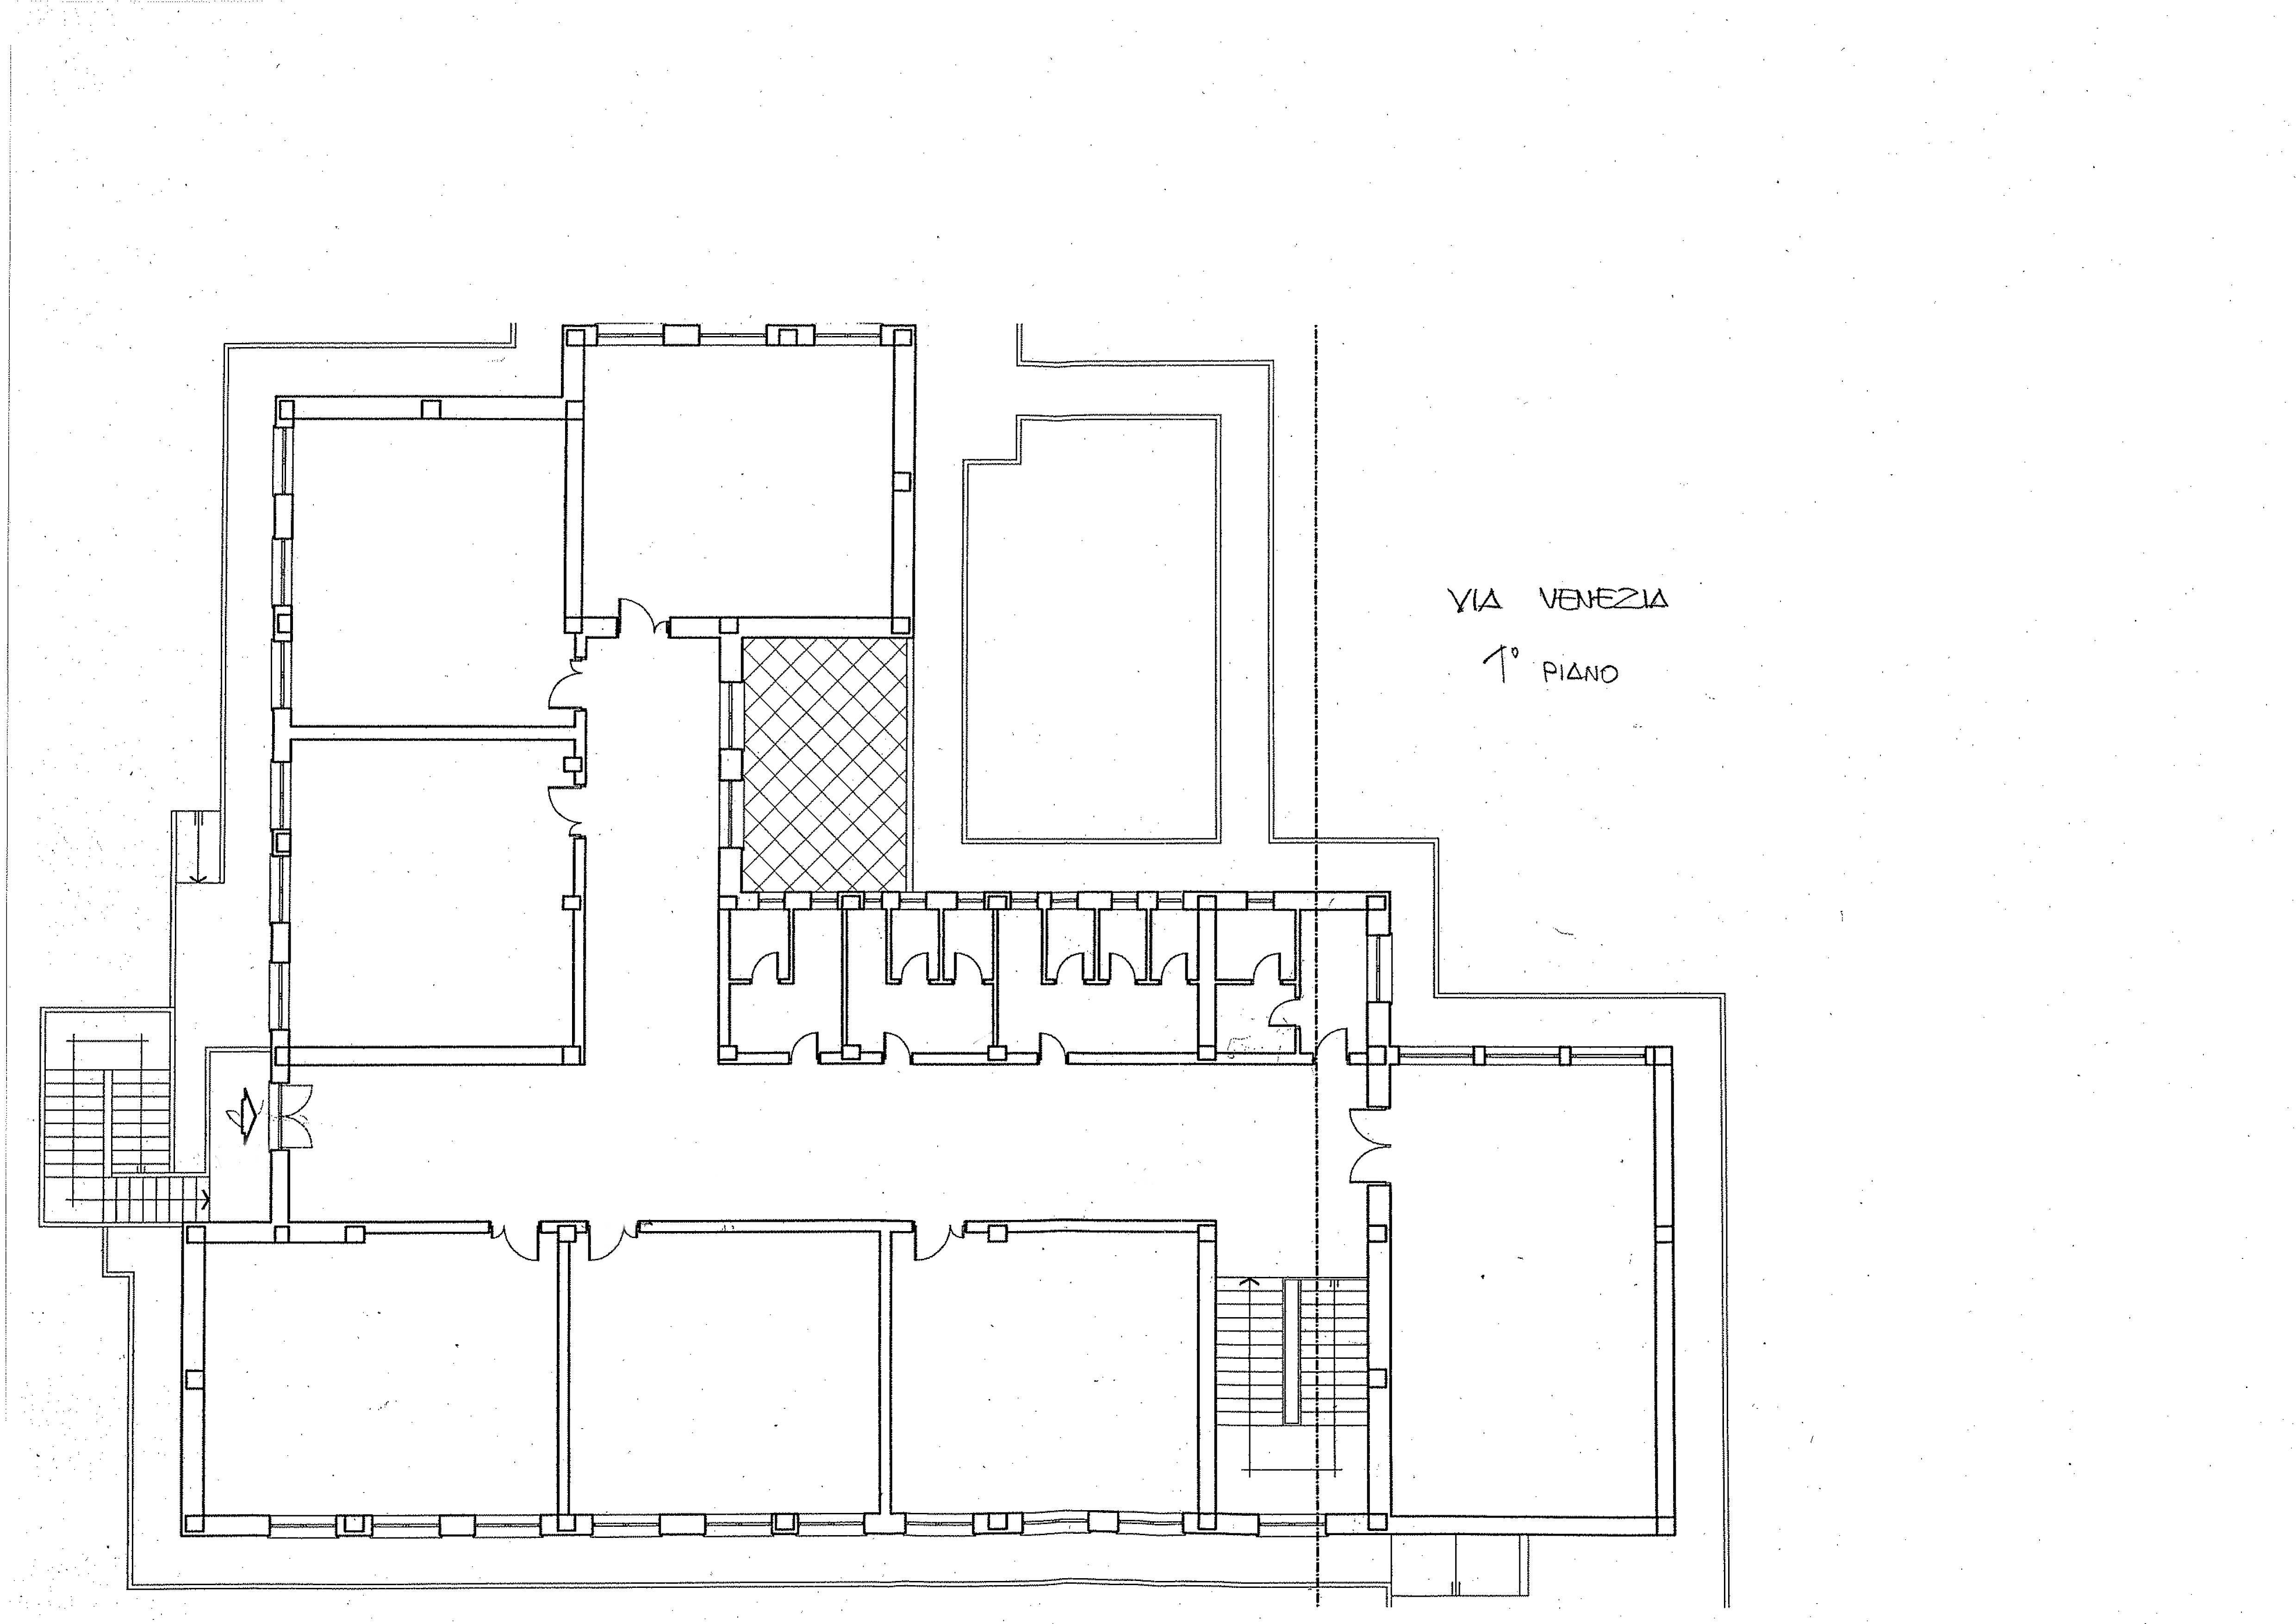 come ottenere la mappa disegno di un immobile con le sue ForFare La Mia Planimetria